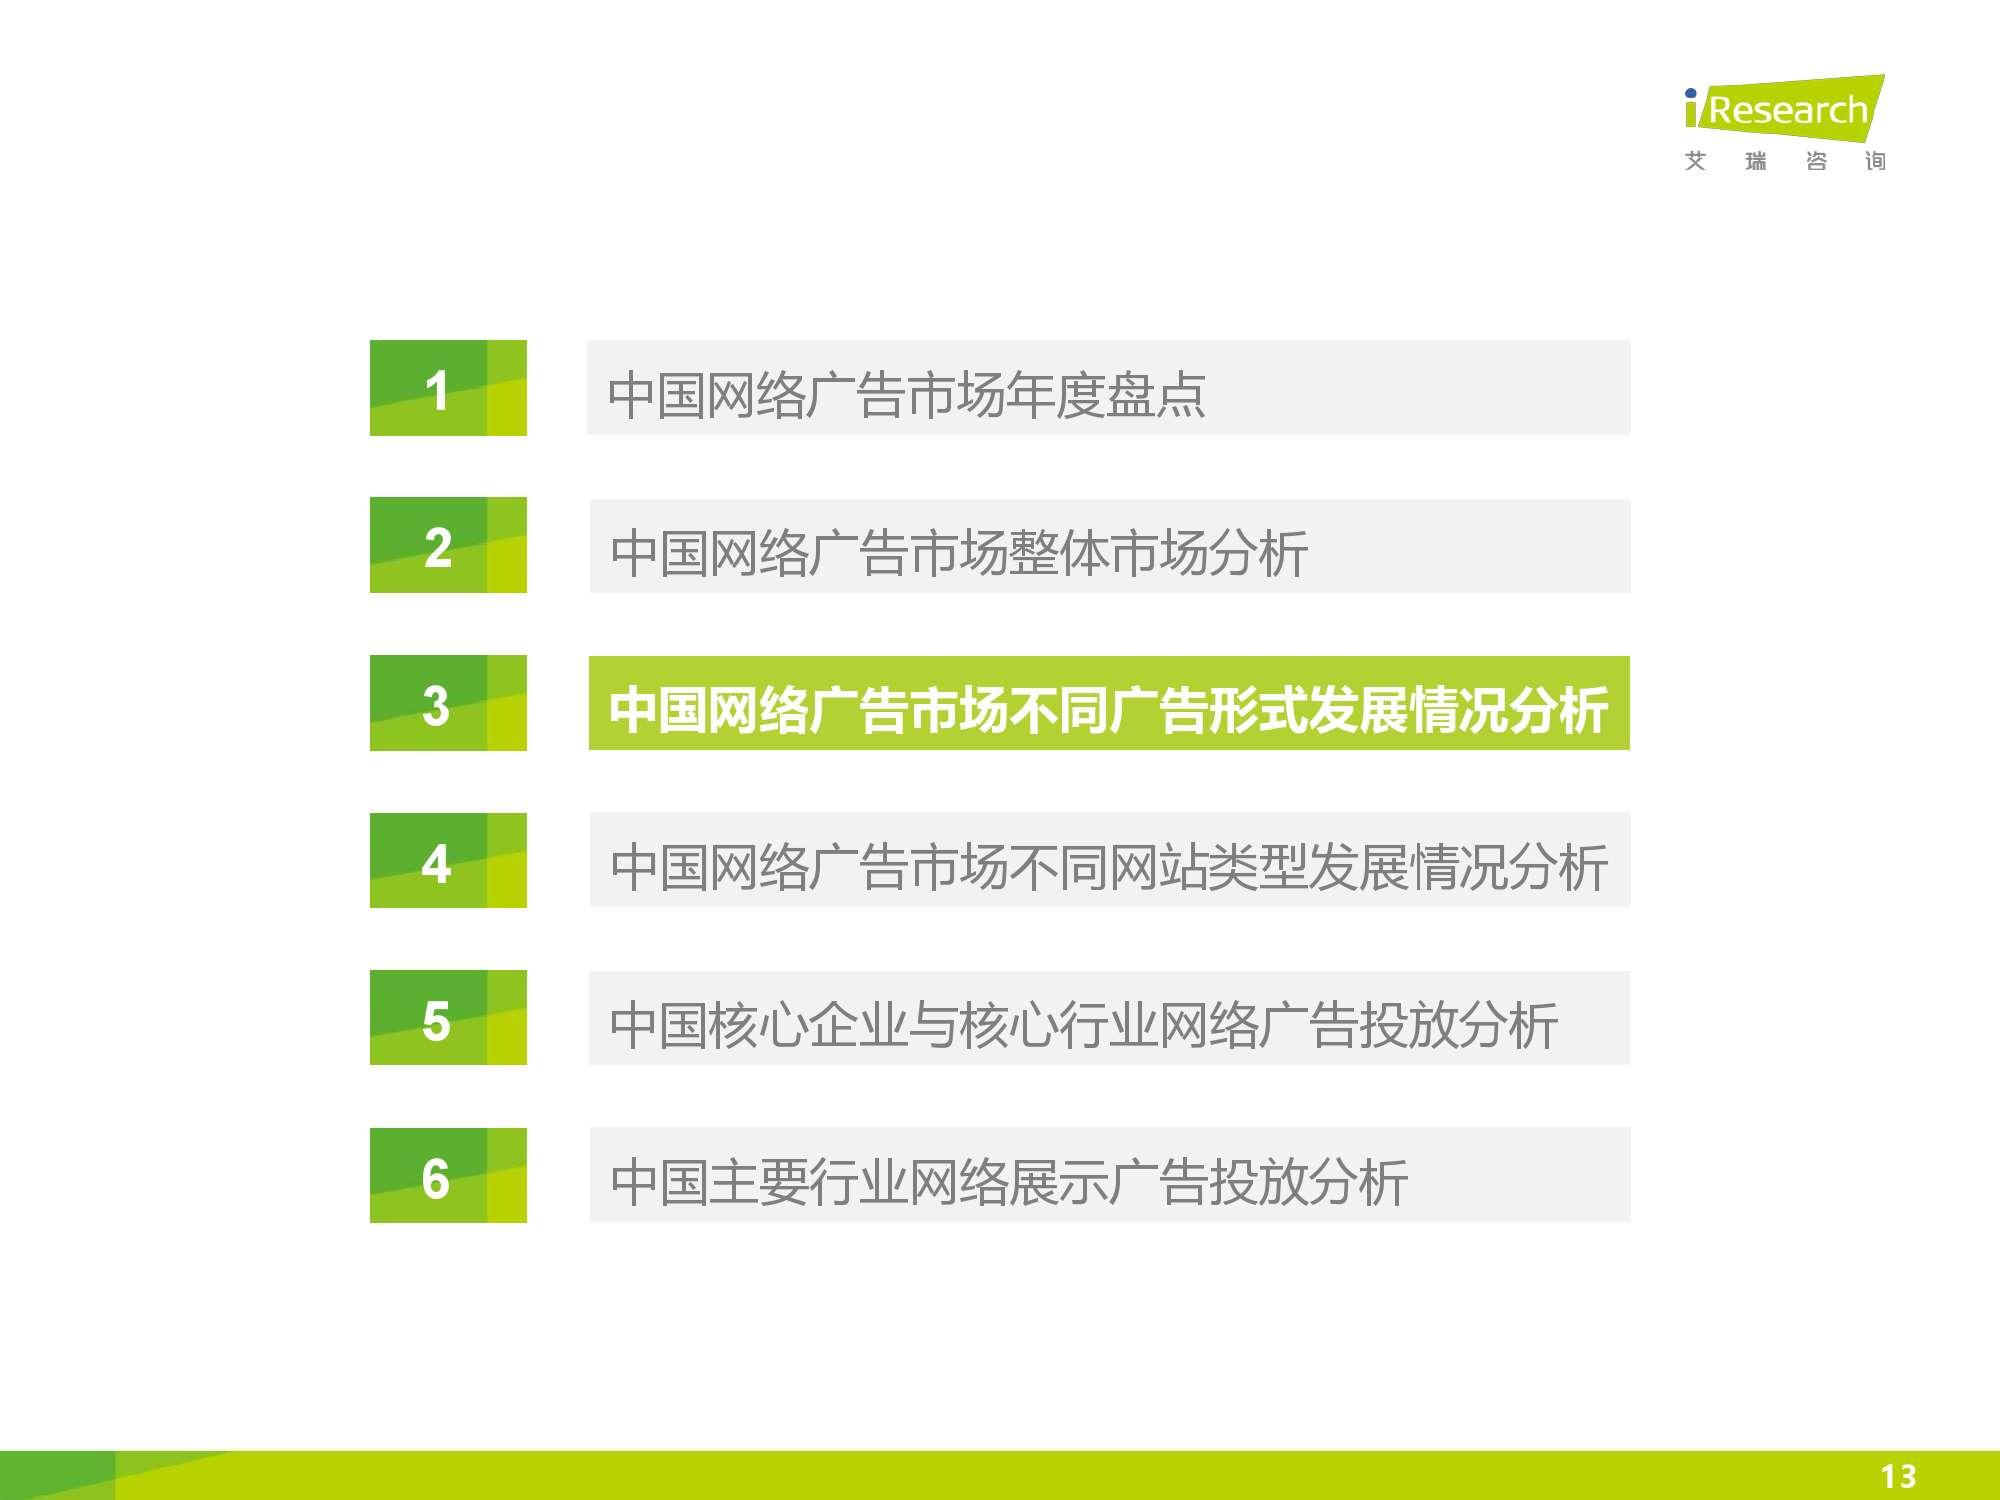 2016年中国网络广告行业年度监测报告简版_000013